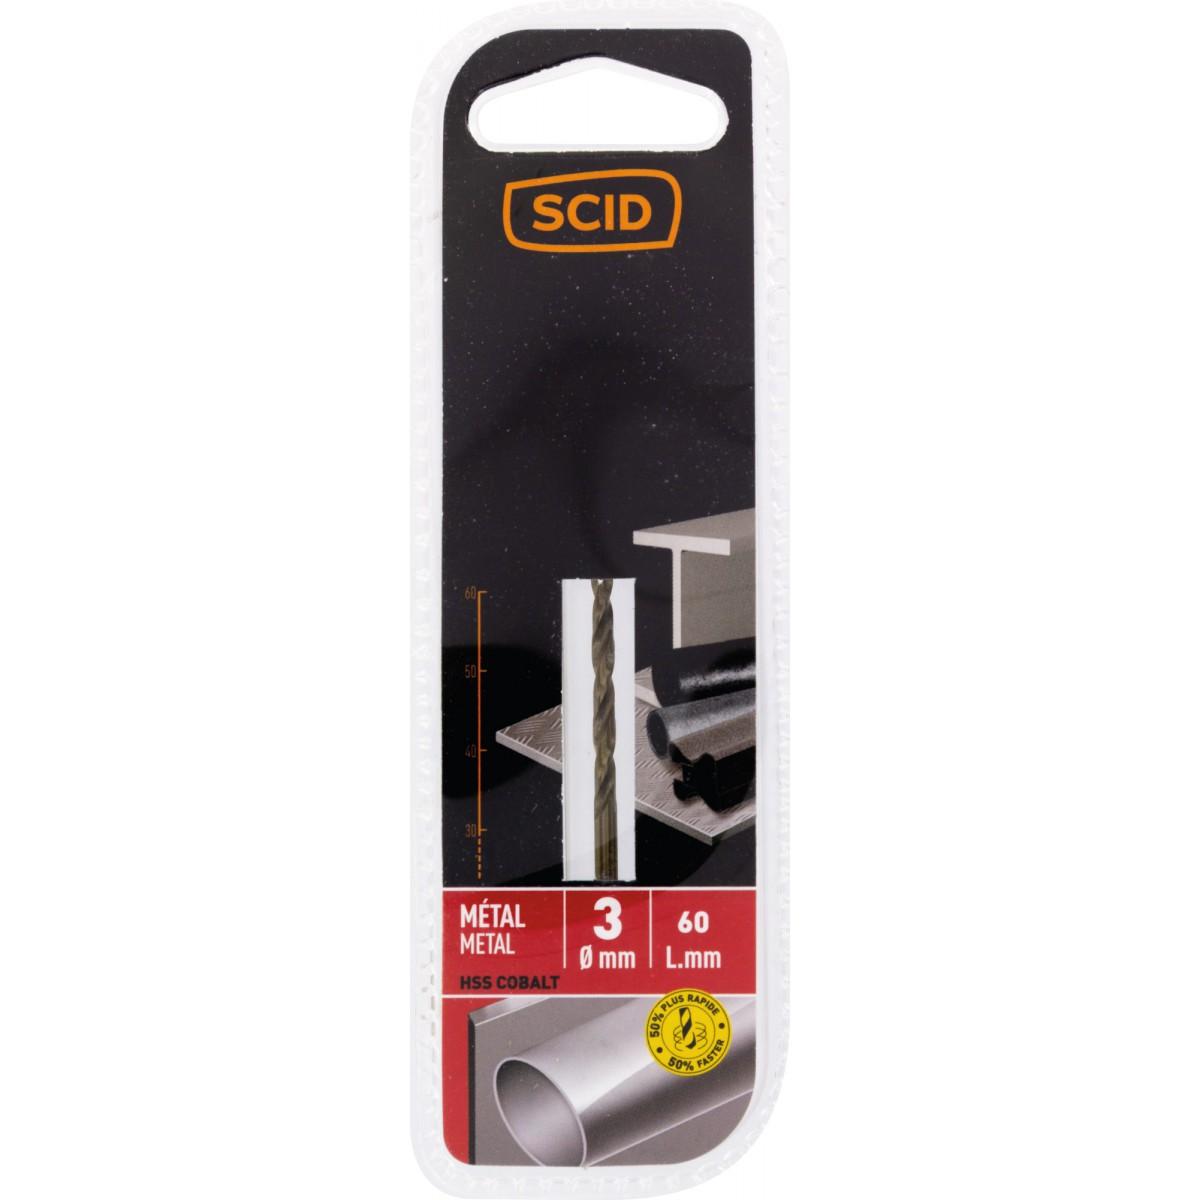 Foret métal HSS cobalt SCID - Longueur 60 mm - Diamètre 3 mm